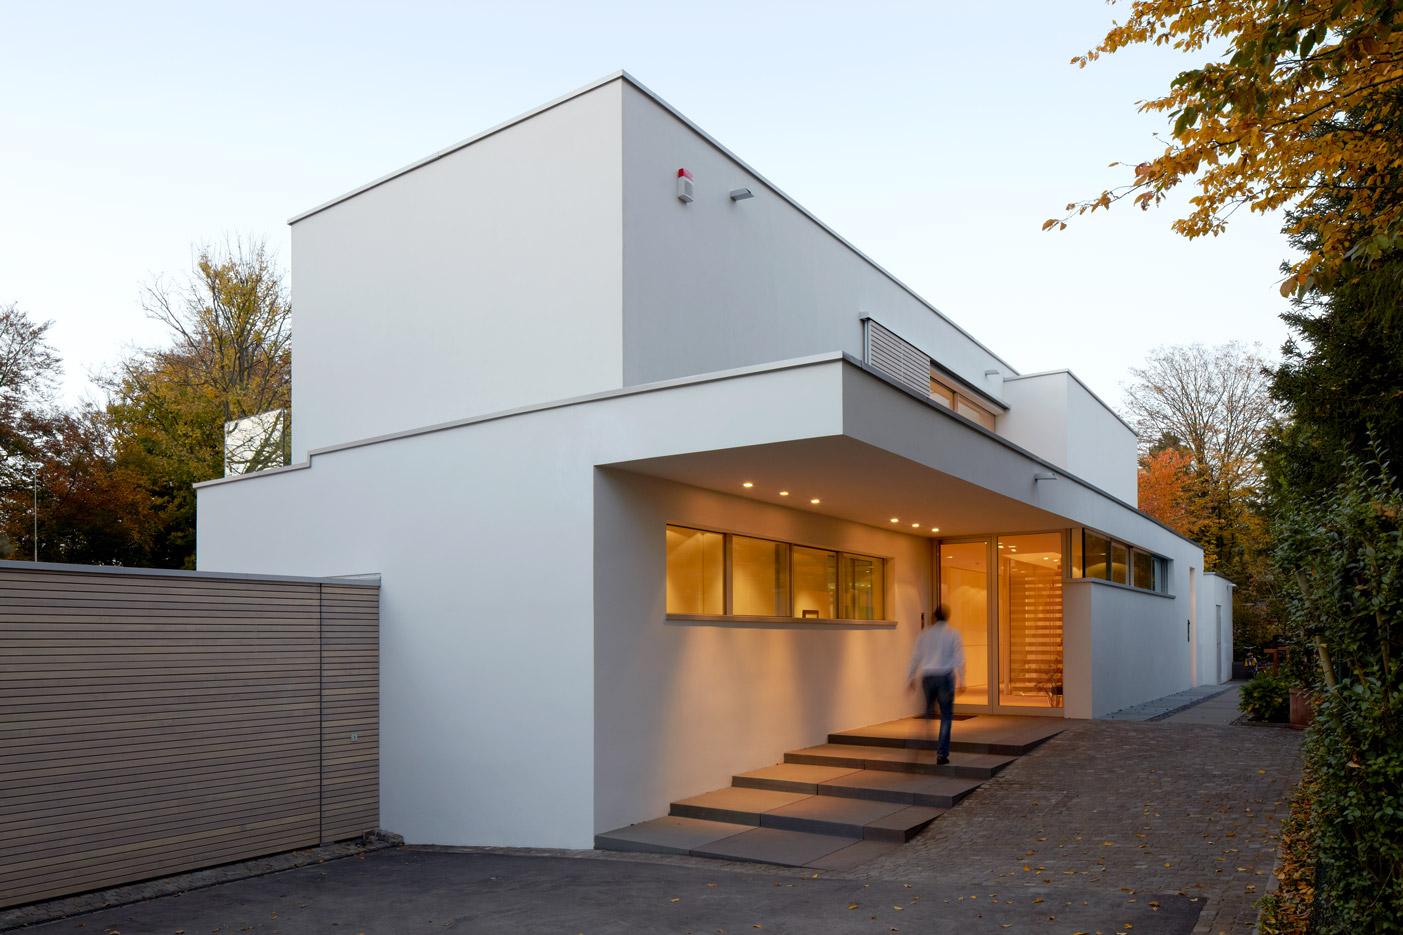 Architekten Düsseldorf portfolio michael reisch architekturfotografie